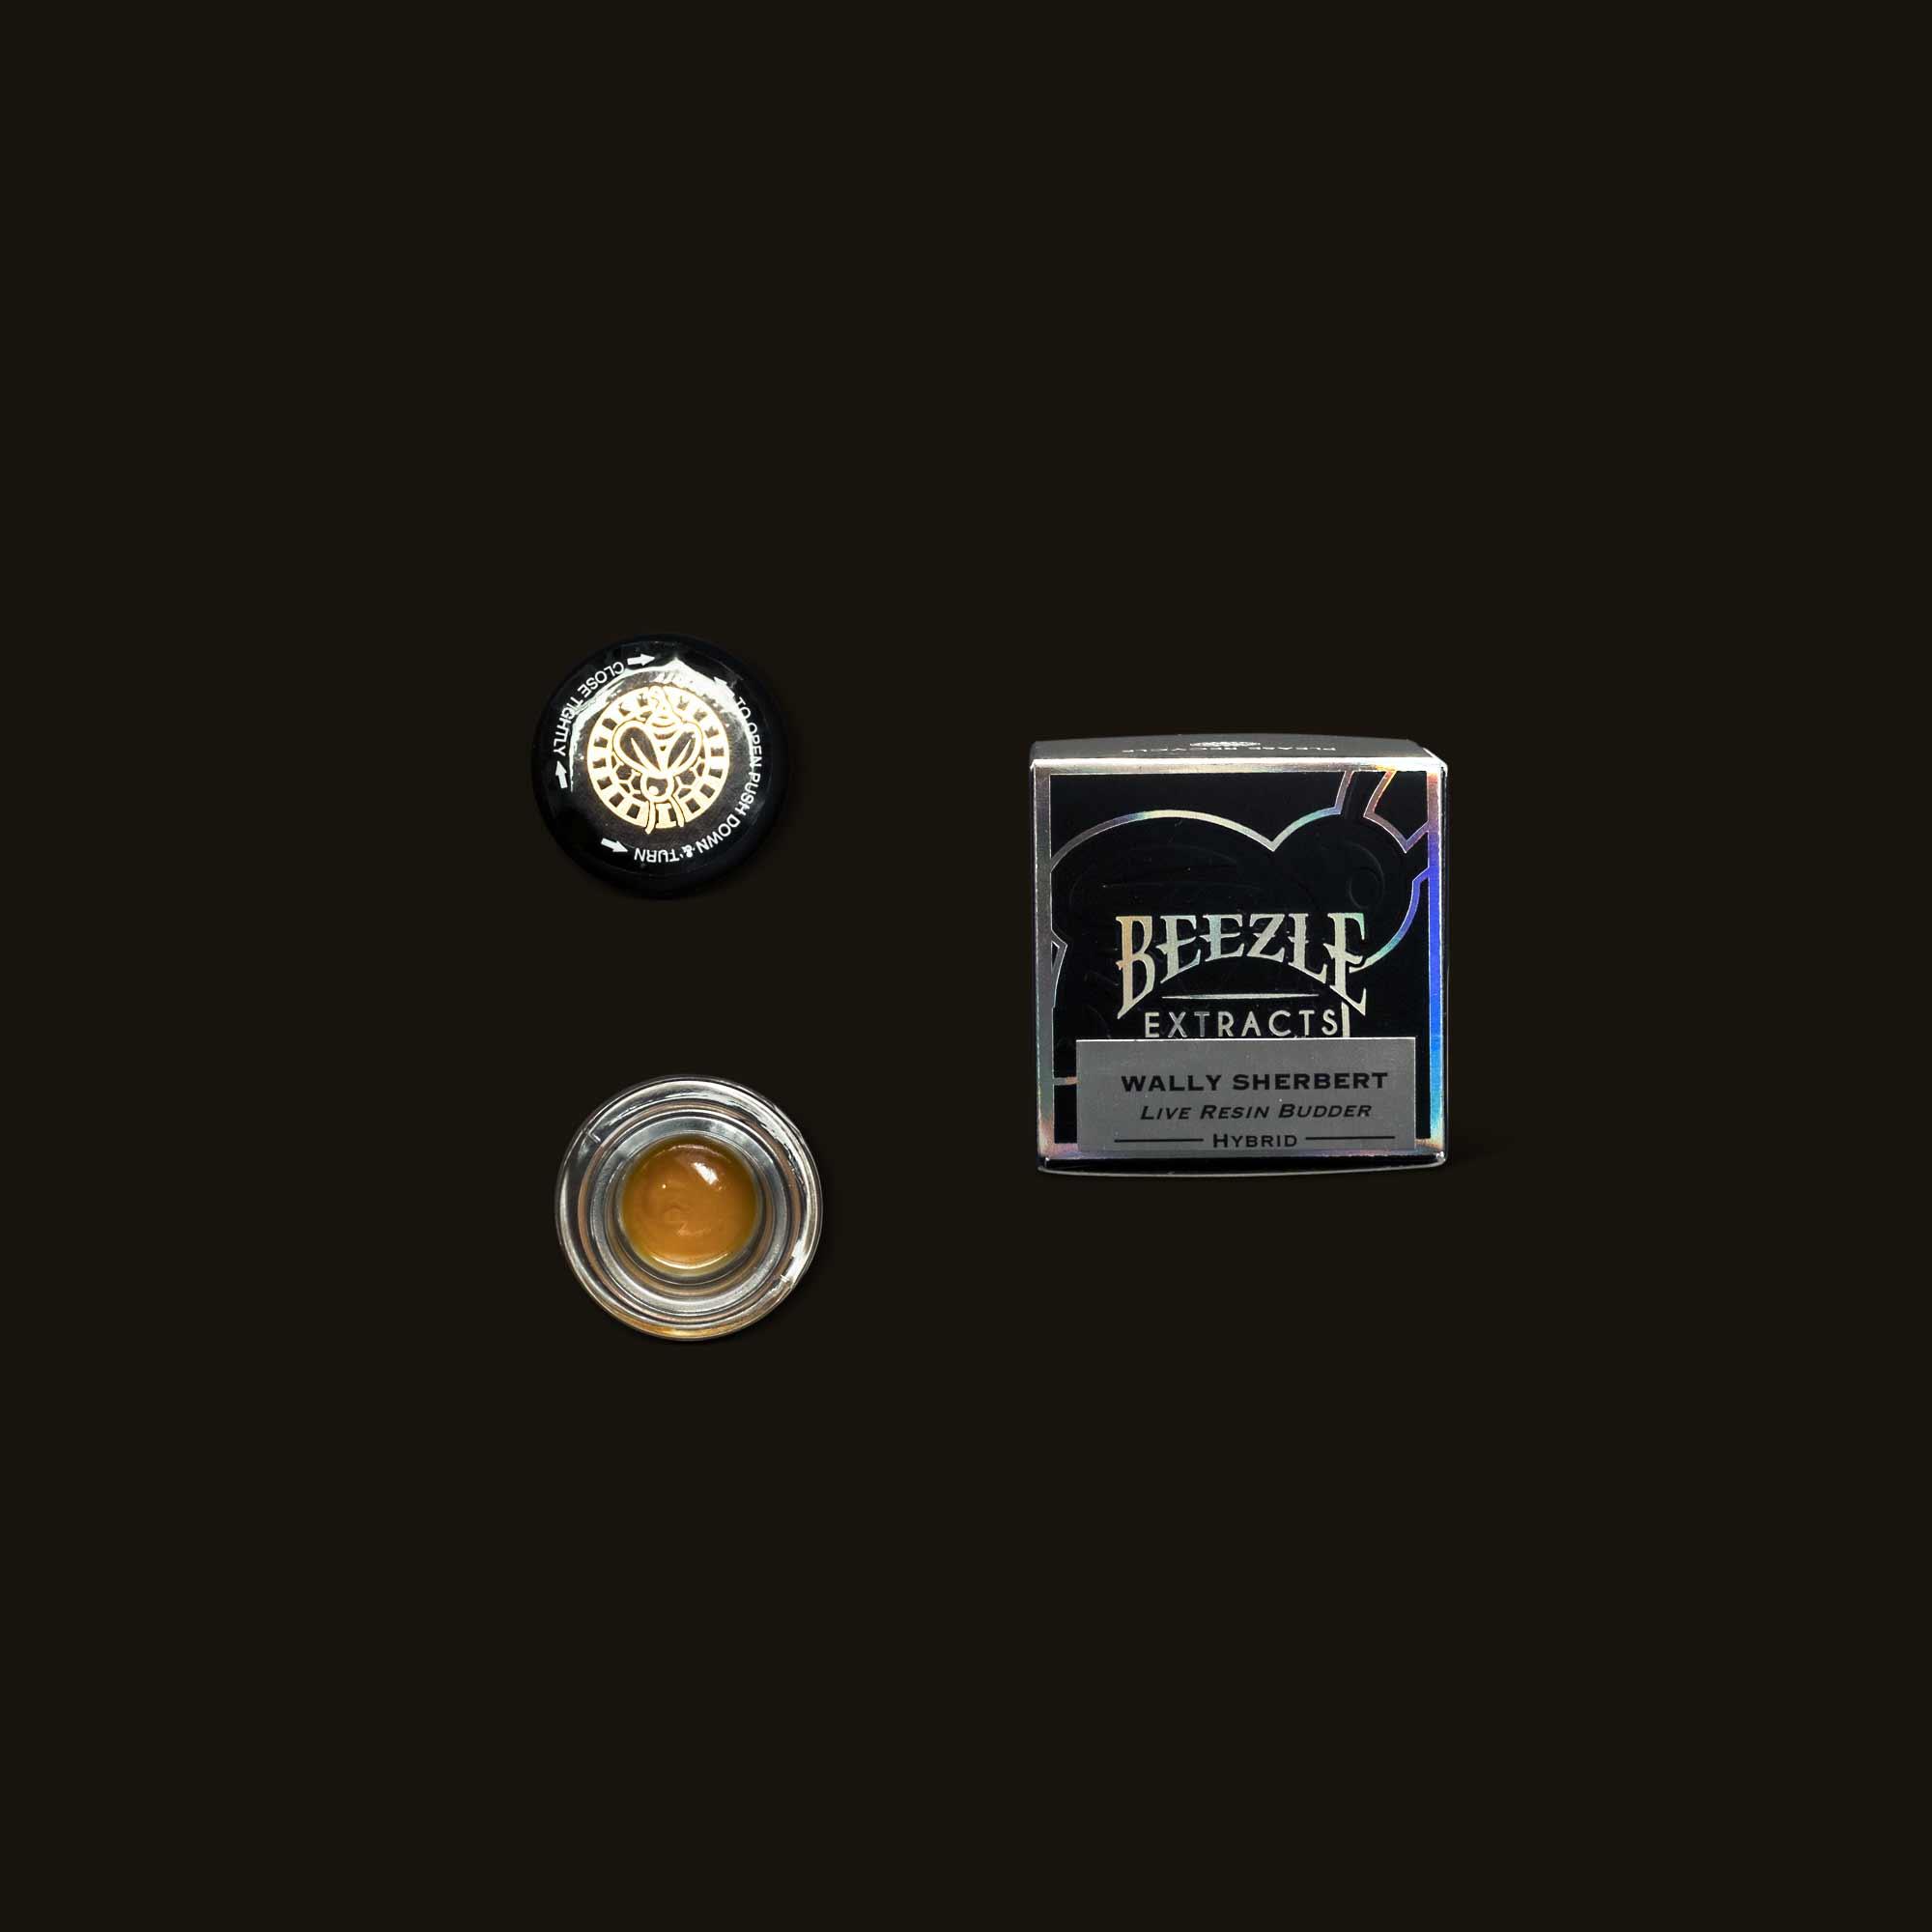 Beezle Walley Sherbert Live Resin Budder